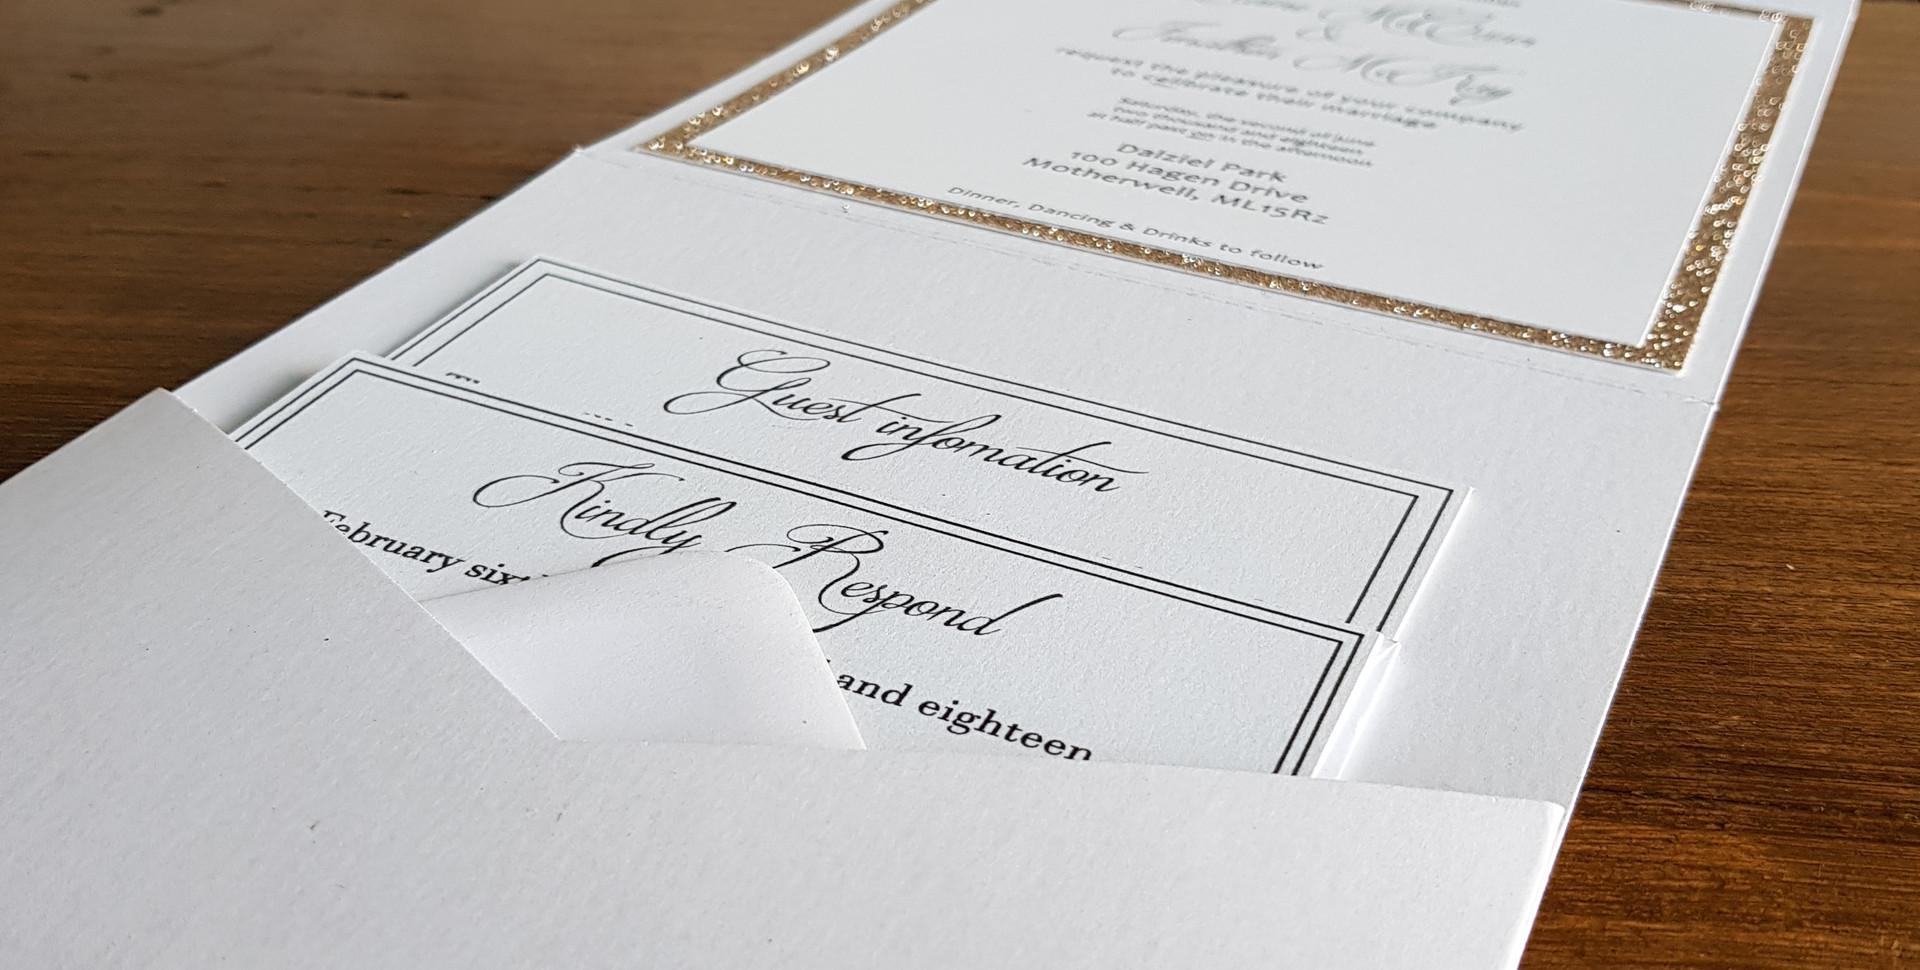 Elaine - Day wedding invitation